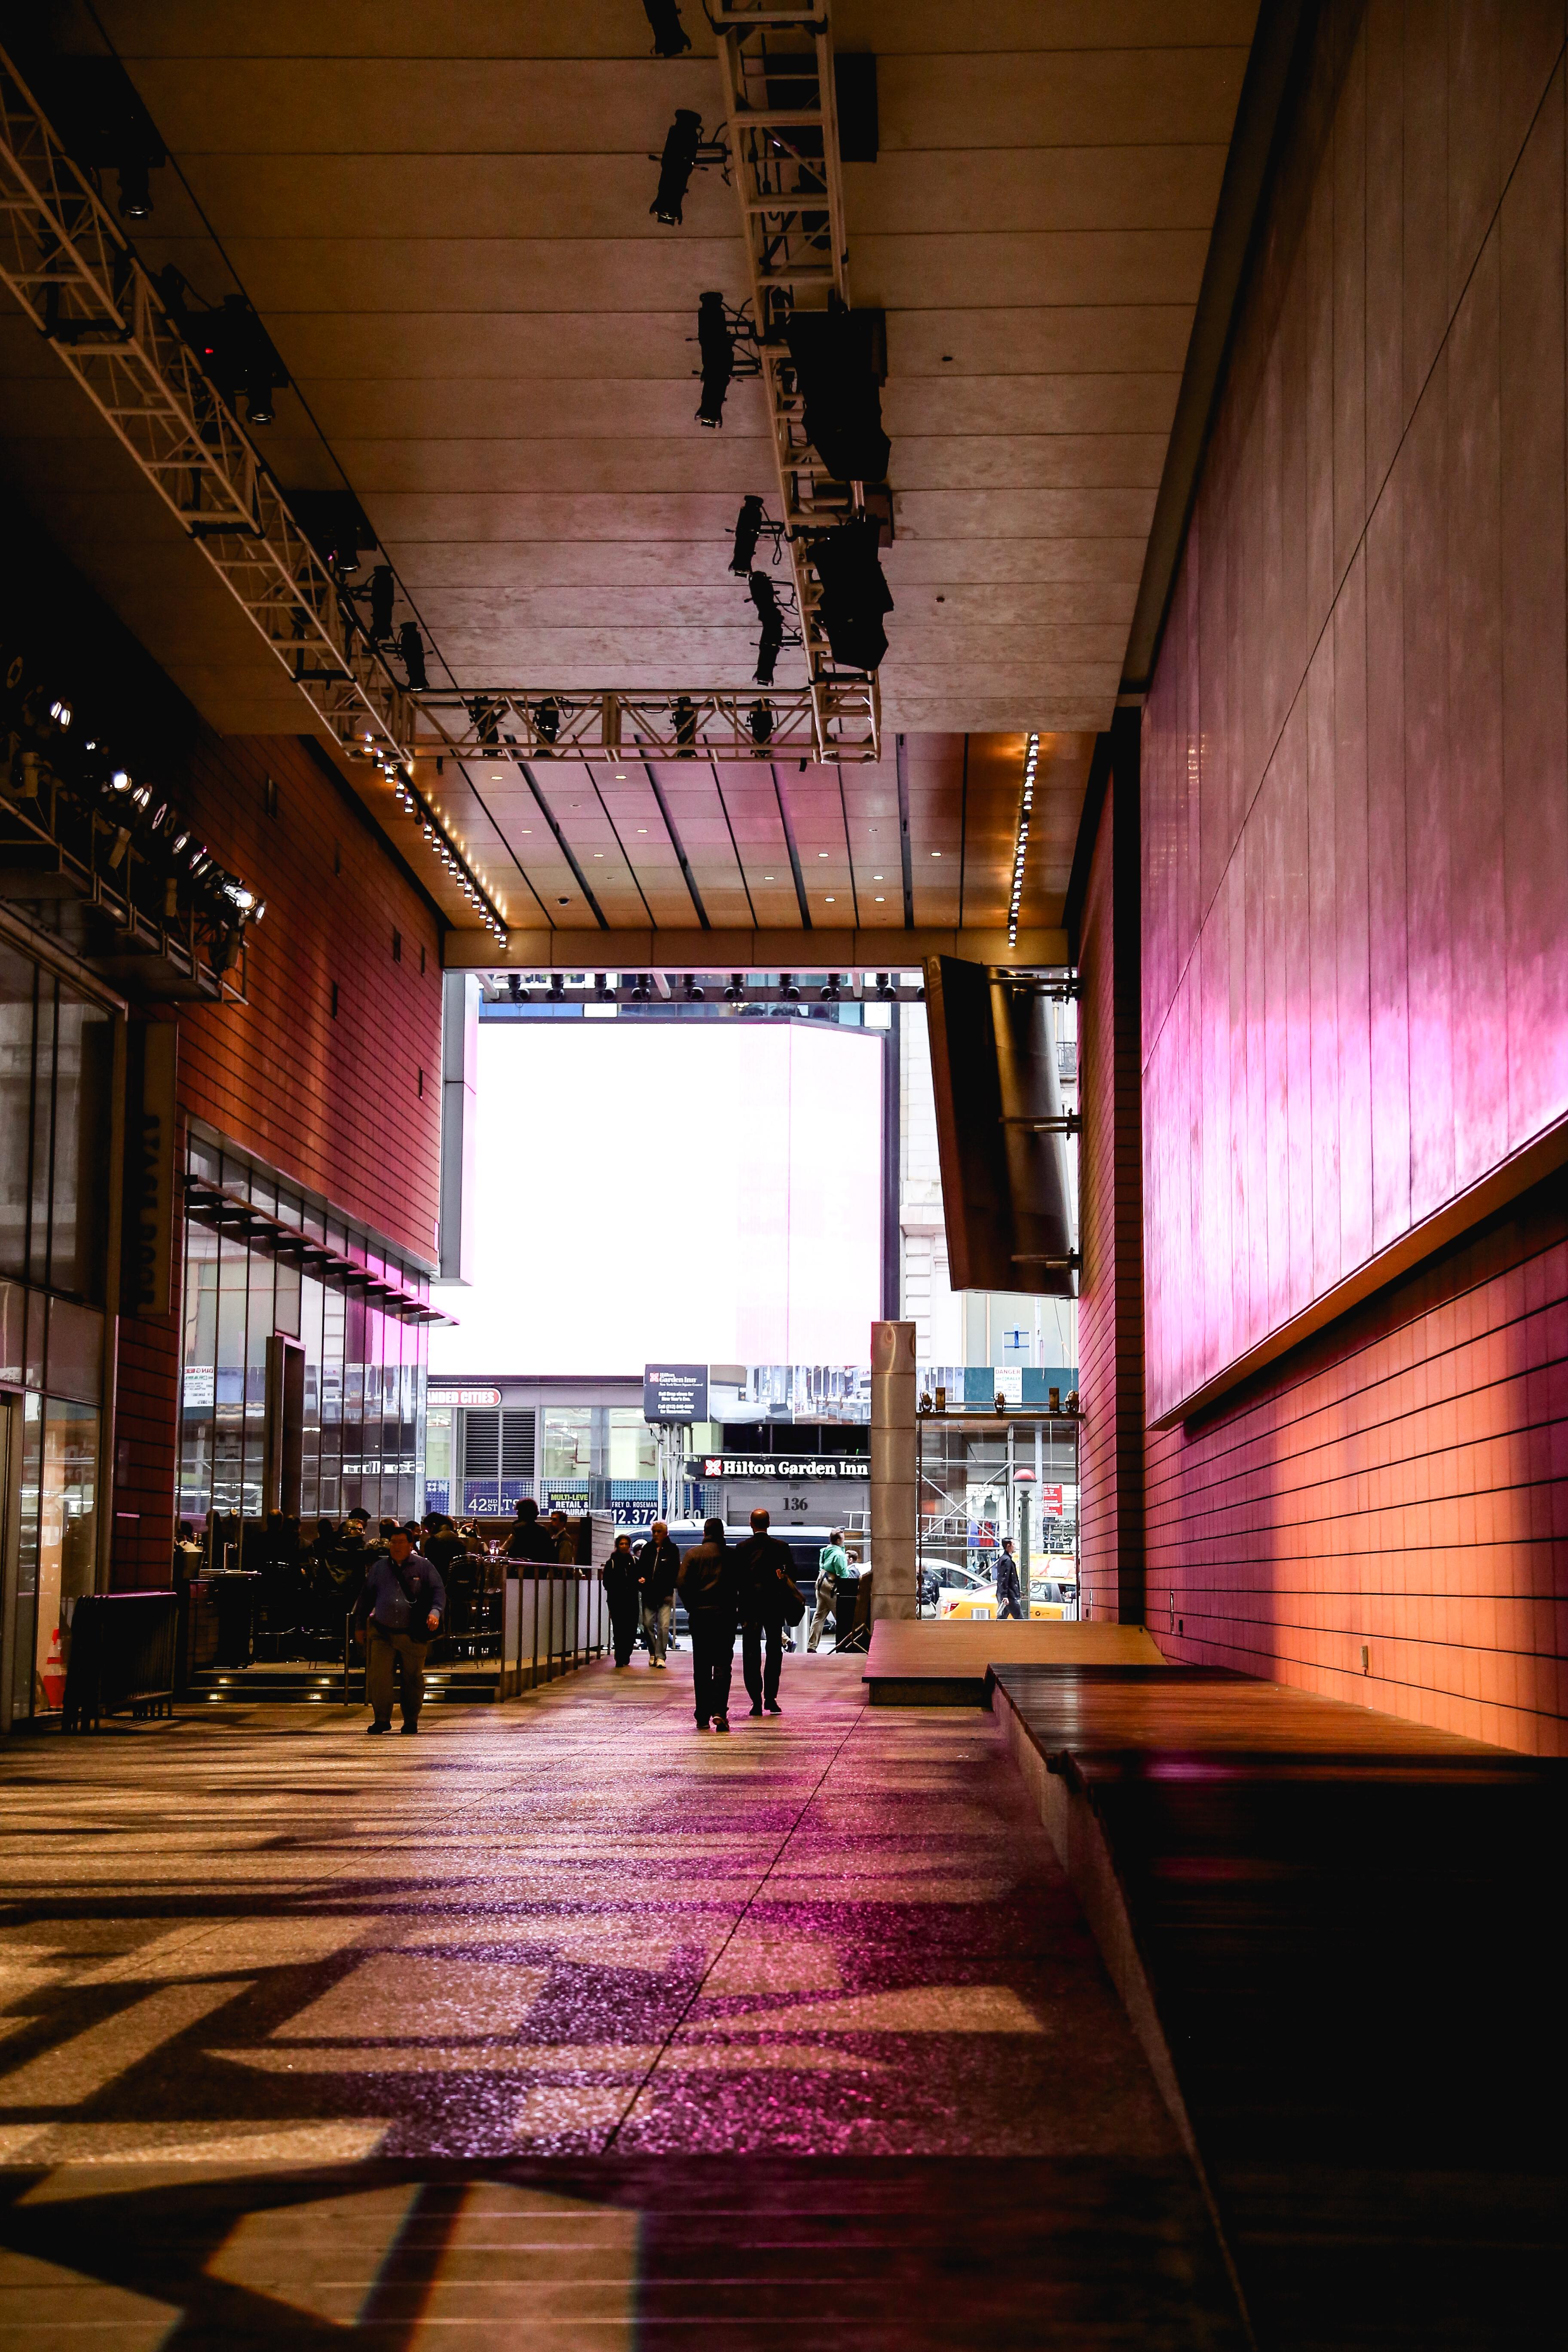 Step Inside Broadway S Stephen Sondheim Theatre Playbill 0 Of 15